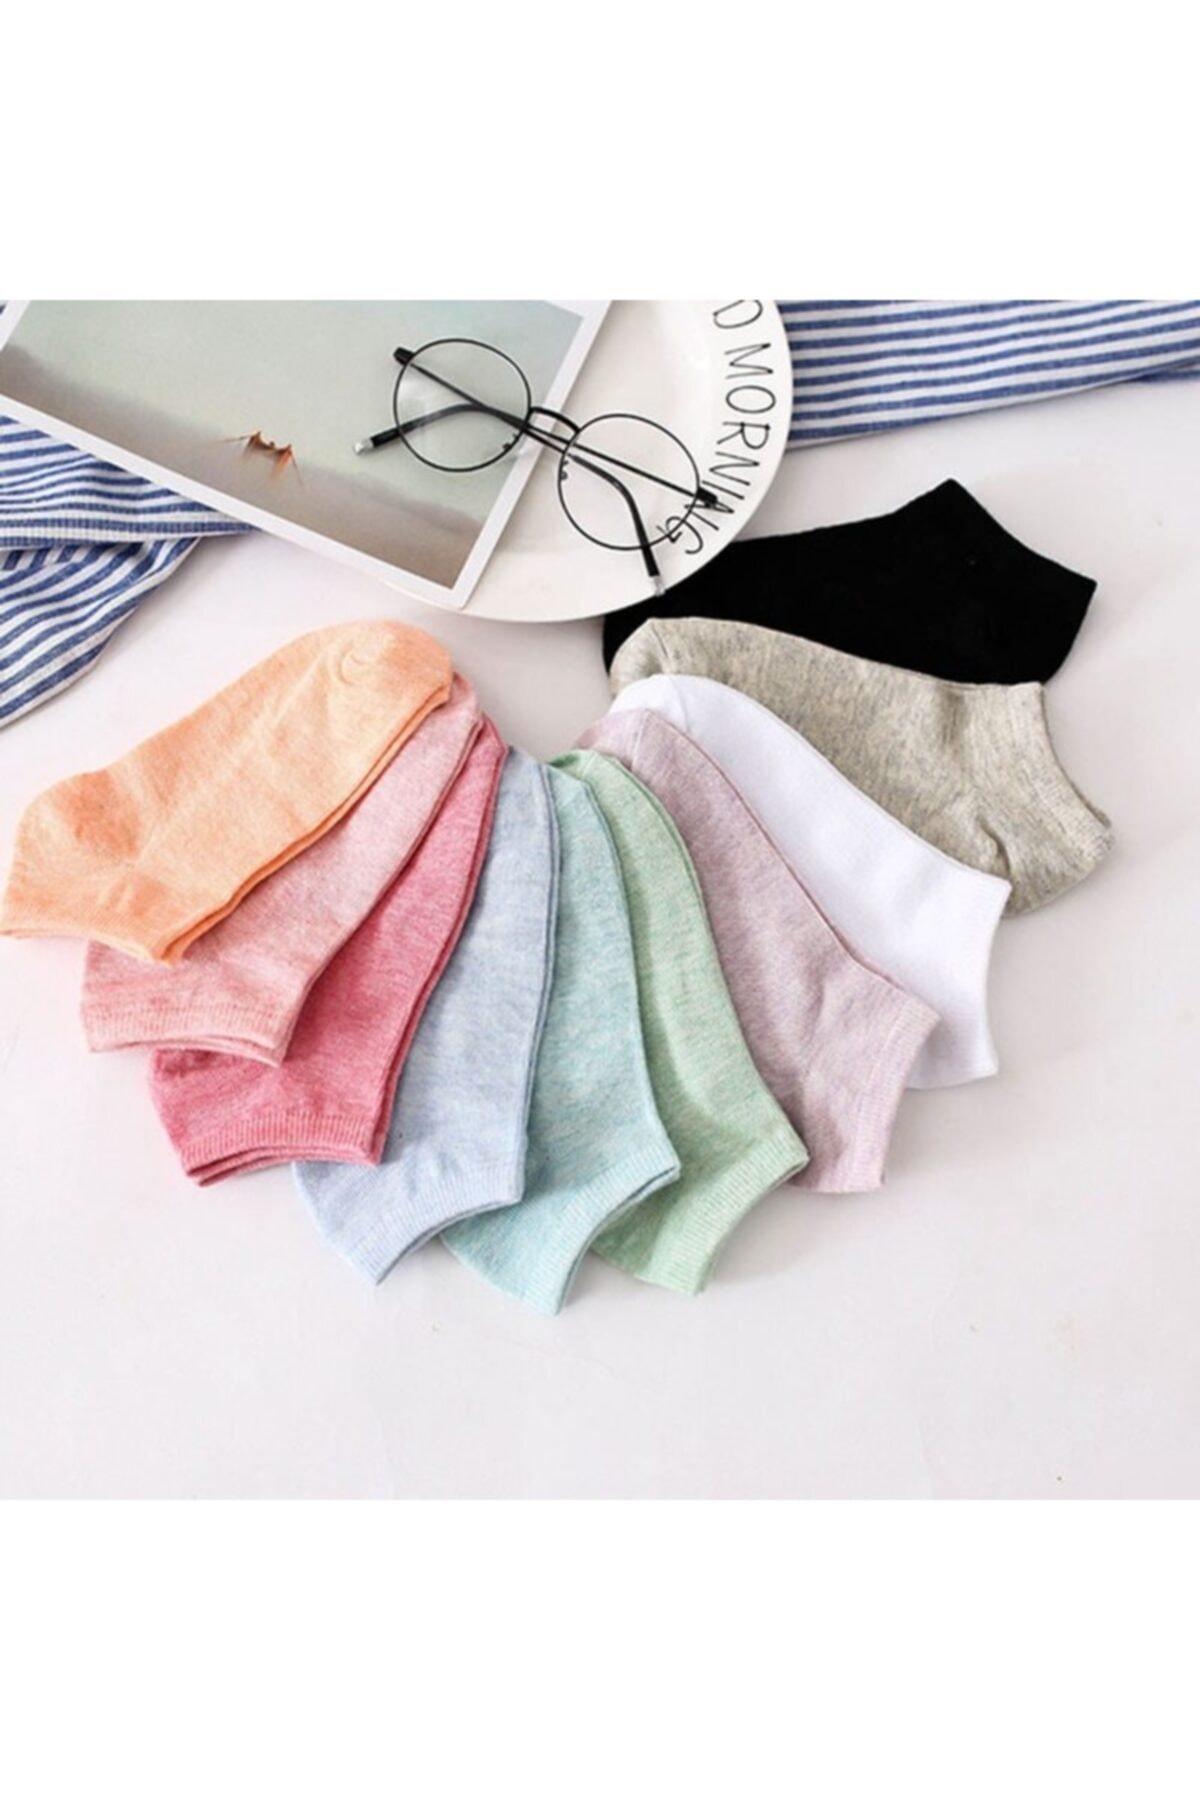 çorapmanya Kadın 12 Çift Koton Ekonomik Karışık Soft Renkler  Patik Çorap 1